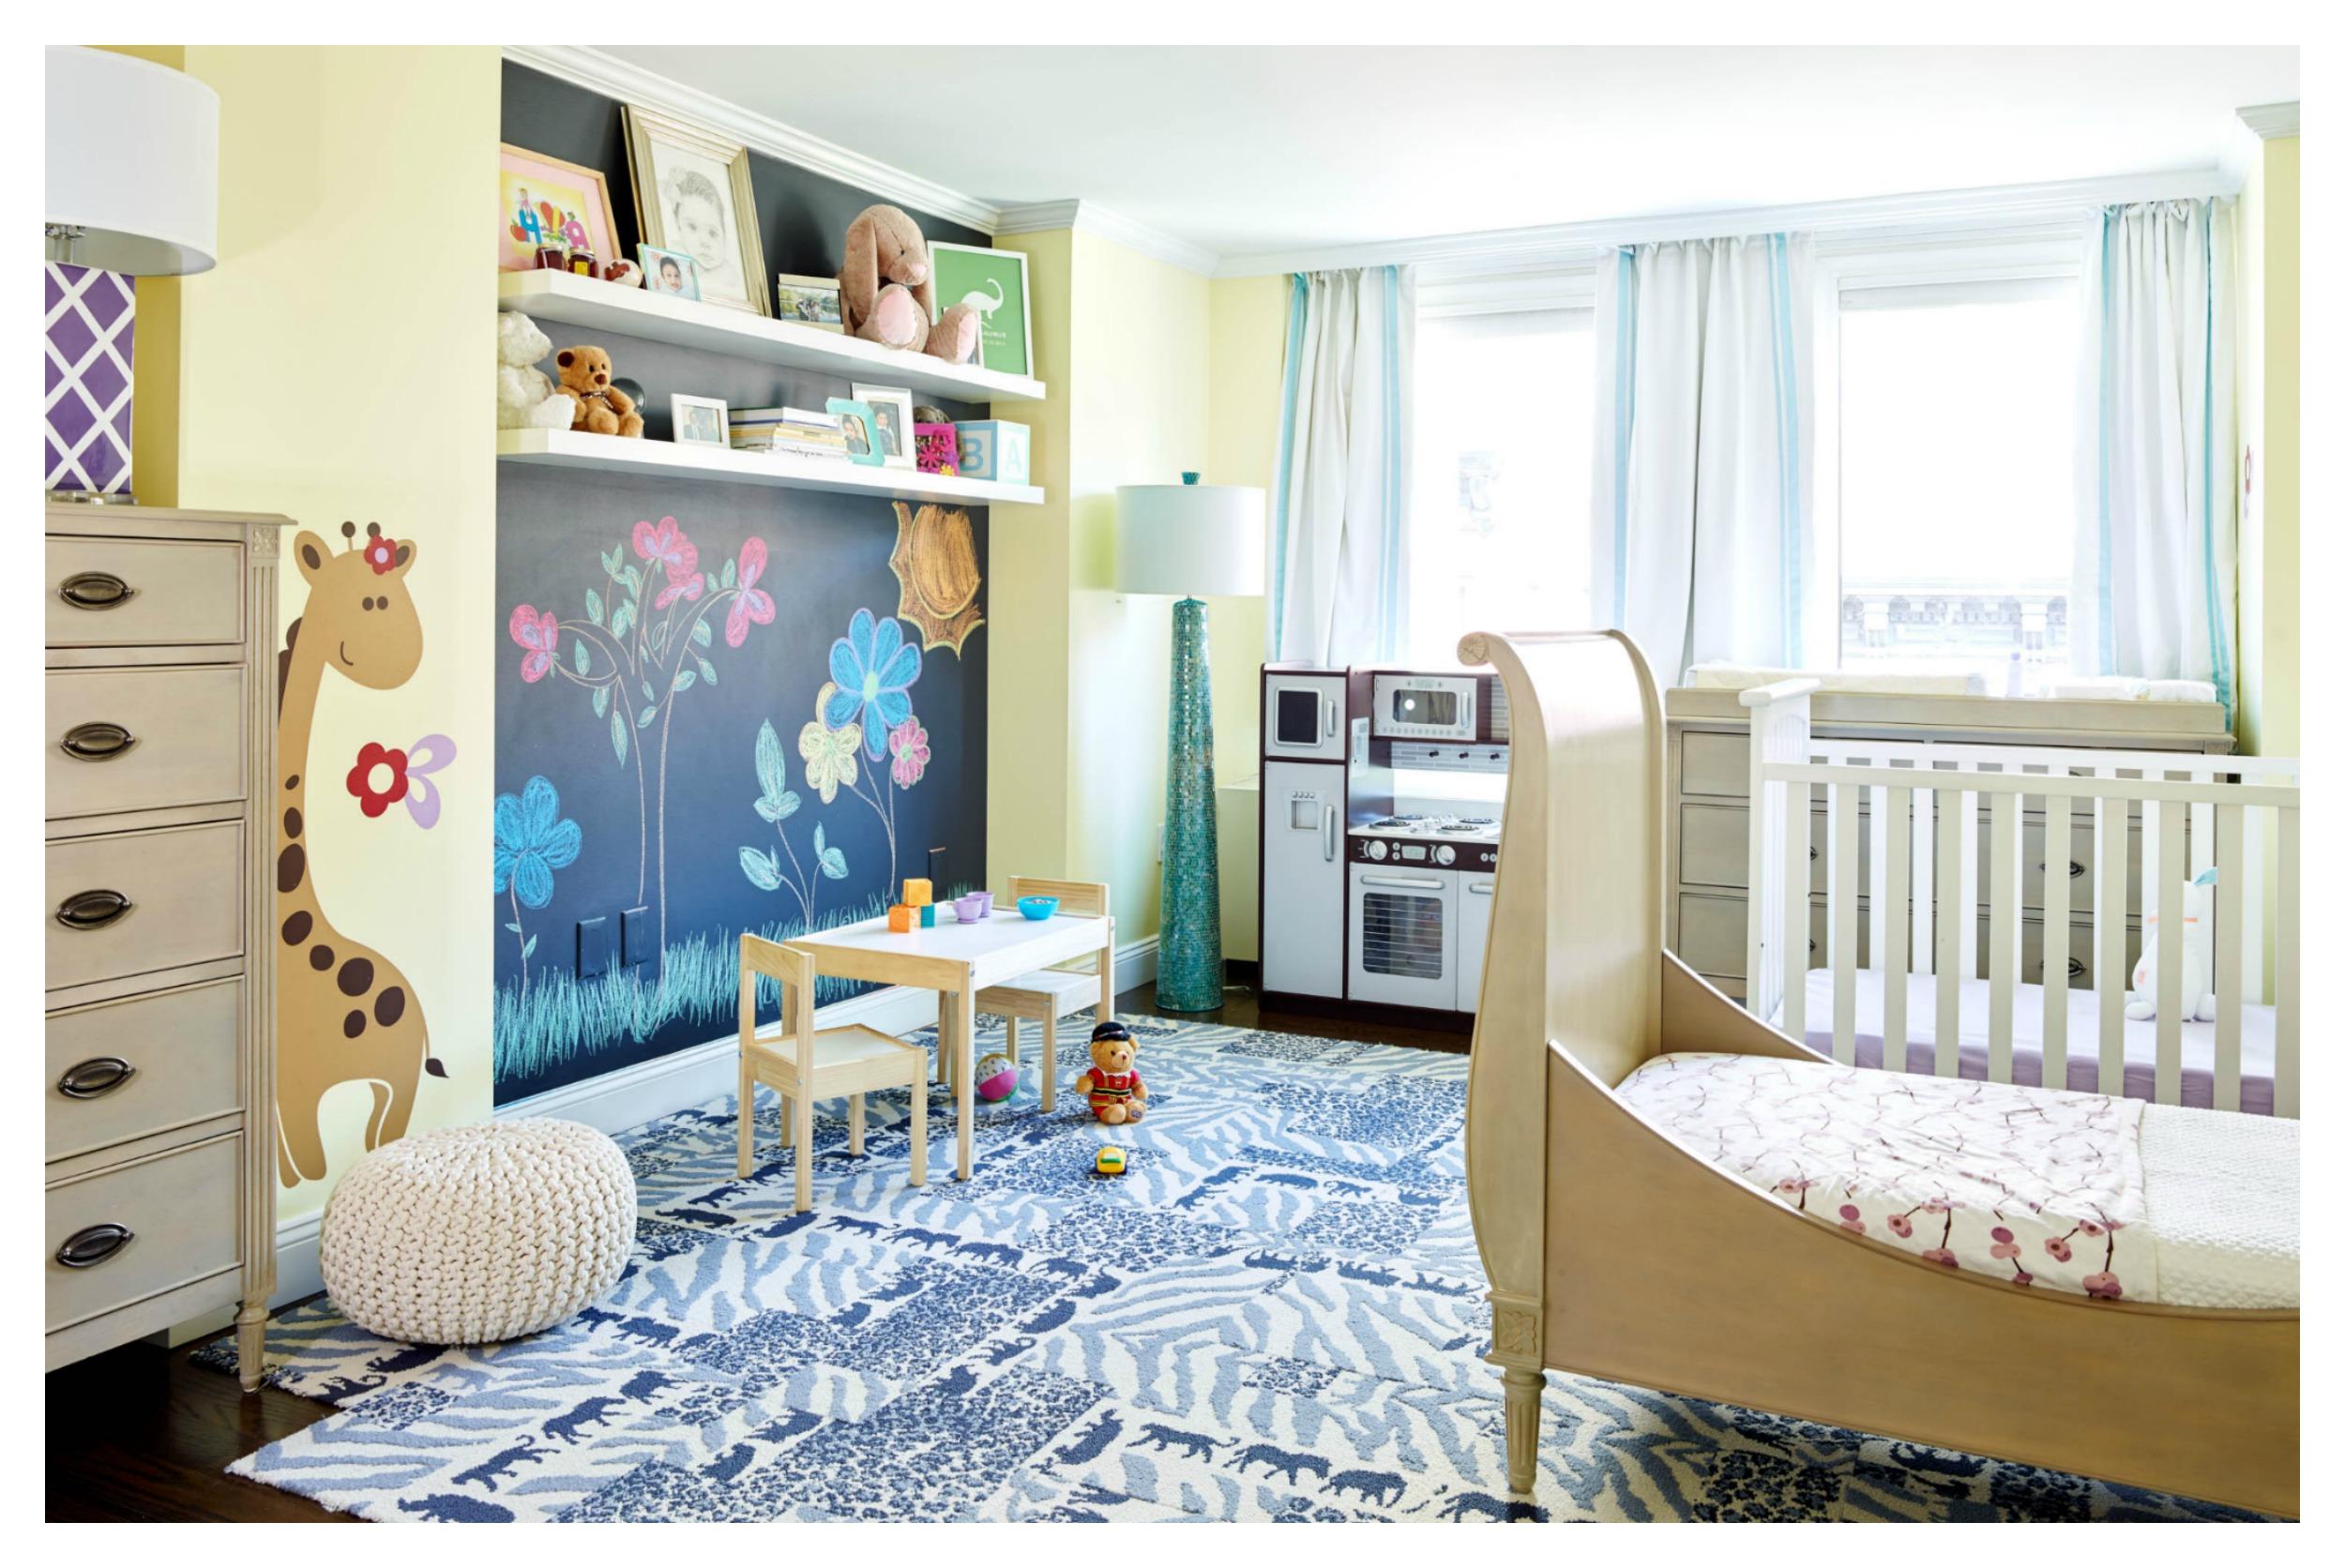 upper-east-side-kids-bedroom-playroom-3.jpg